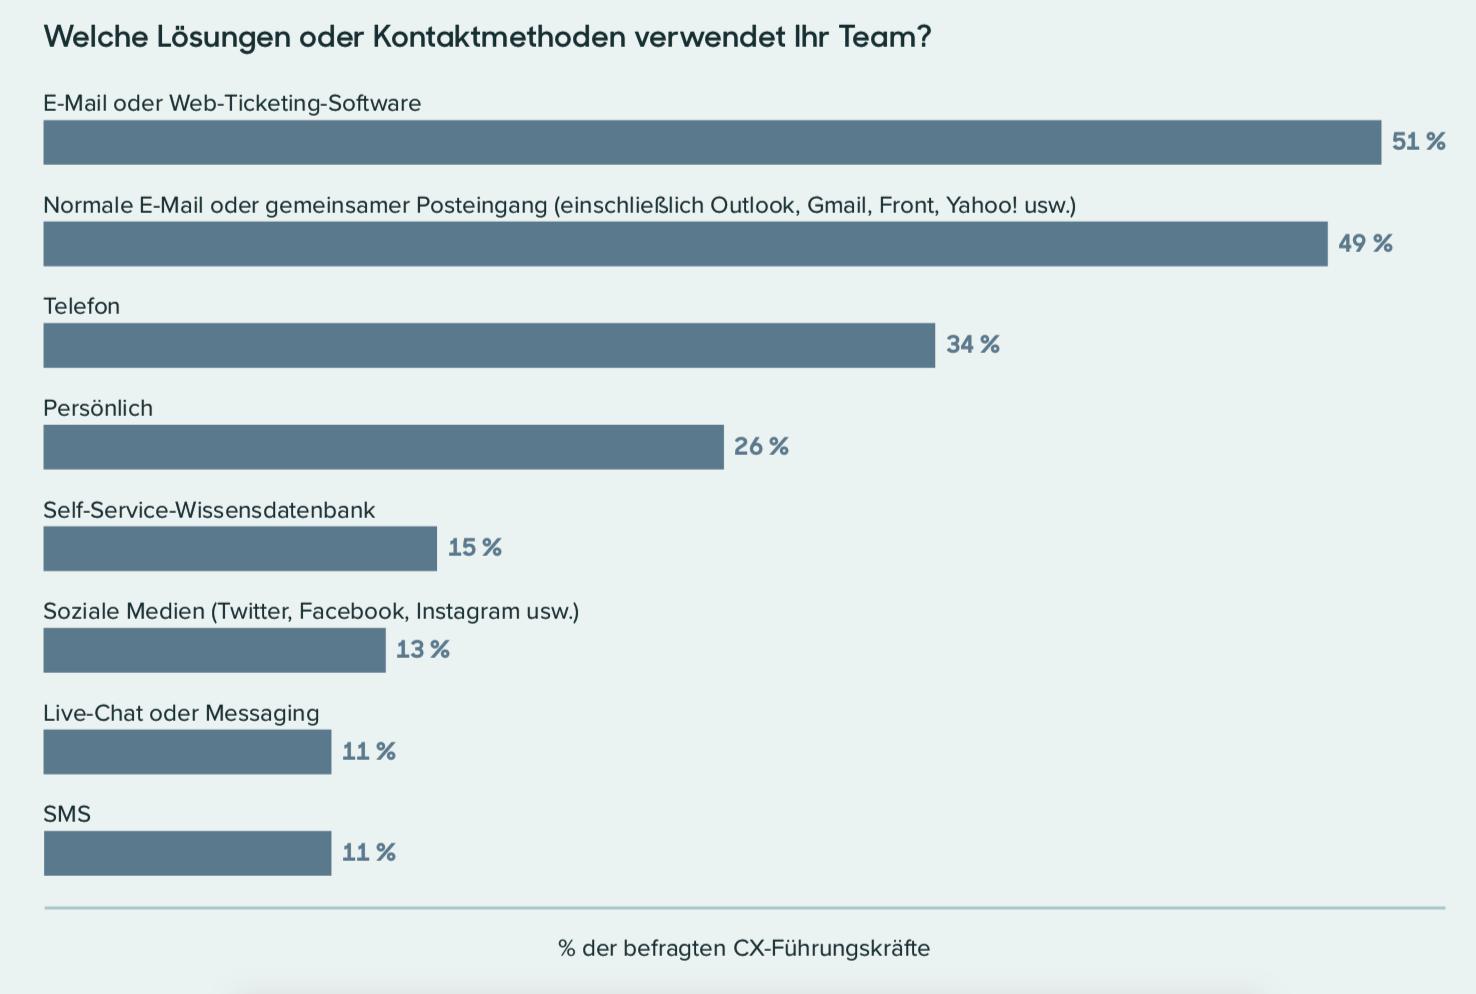 Zendesk - Benchmark Report 2019 - Lösungen